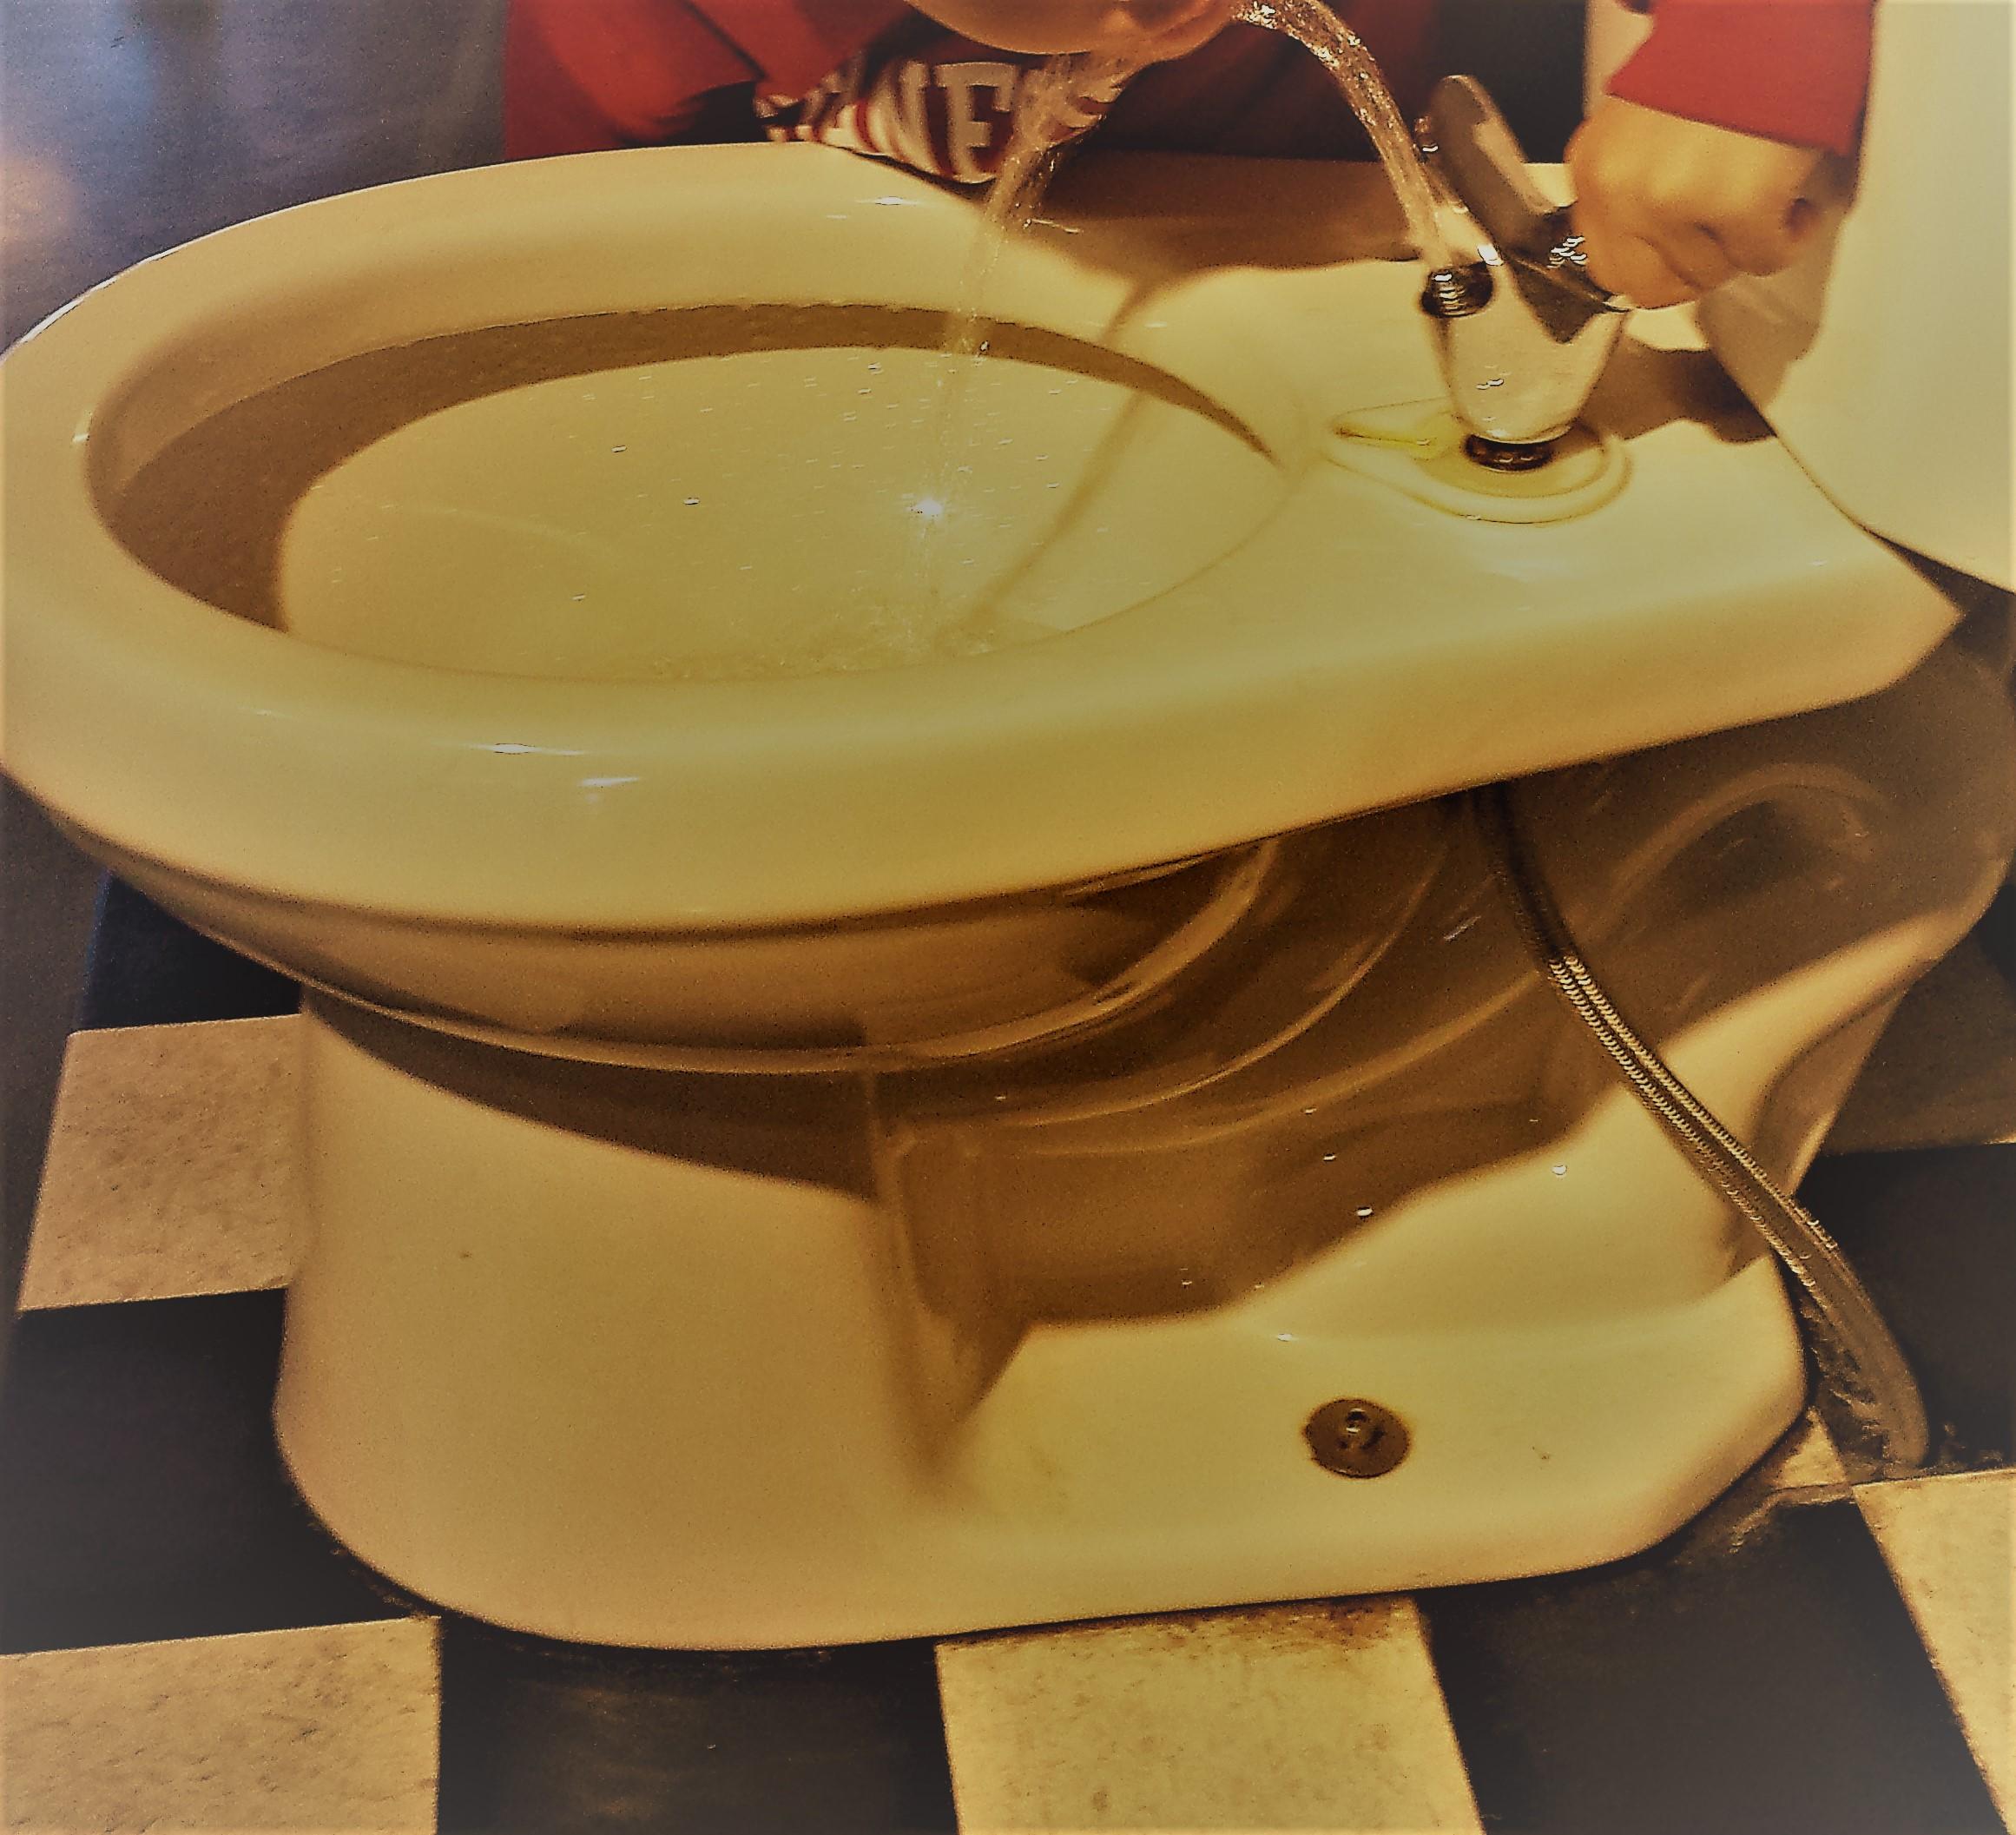 Toilet Drinking Ed